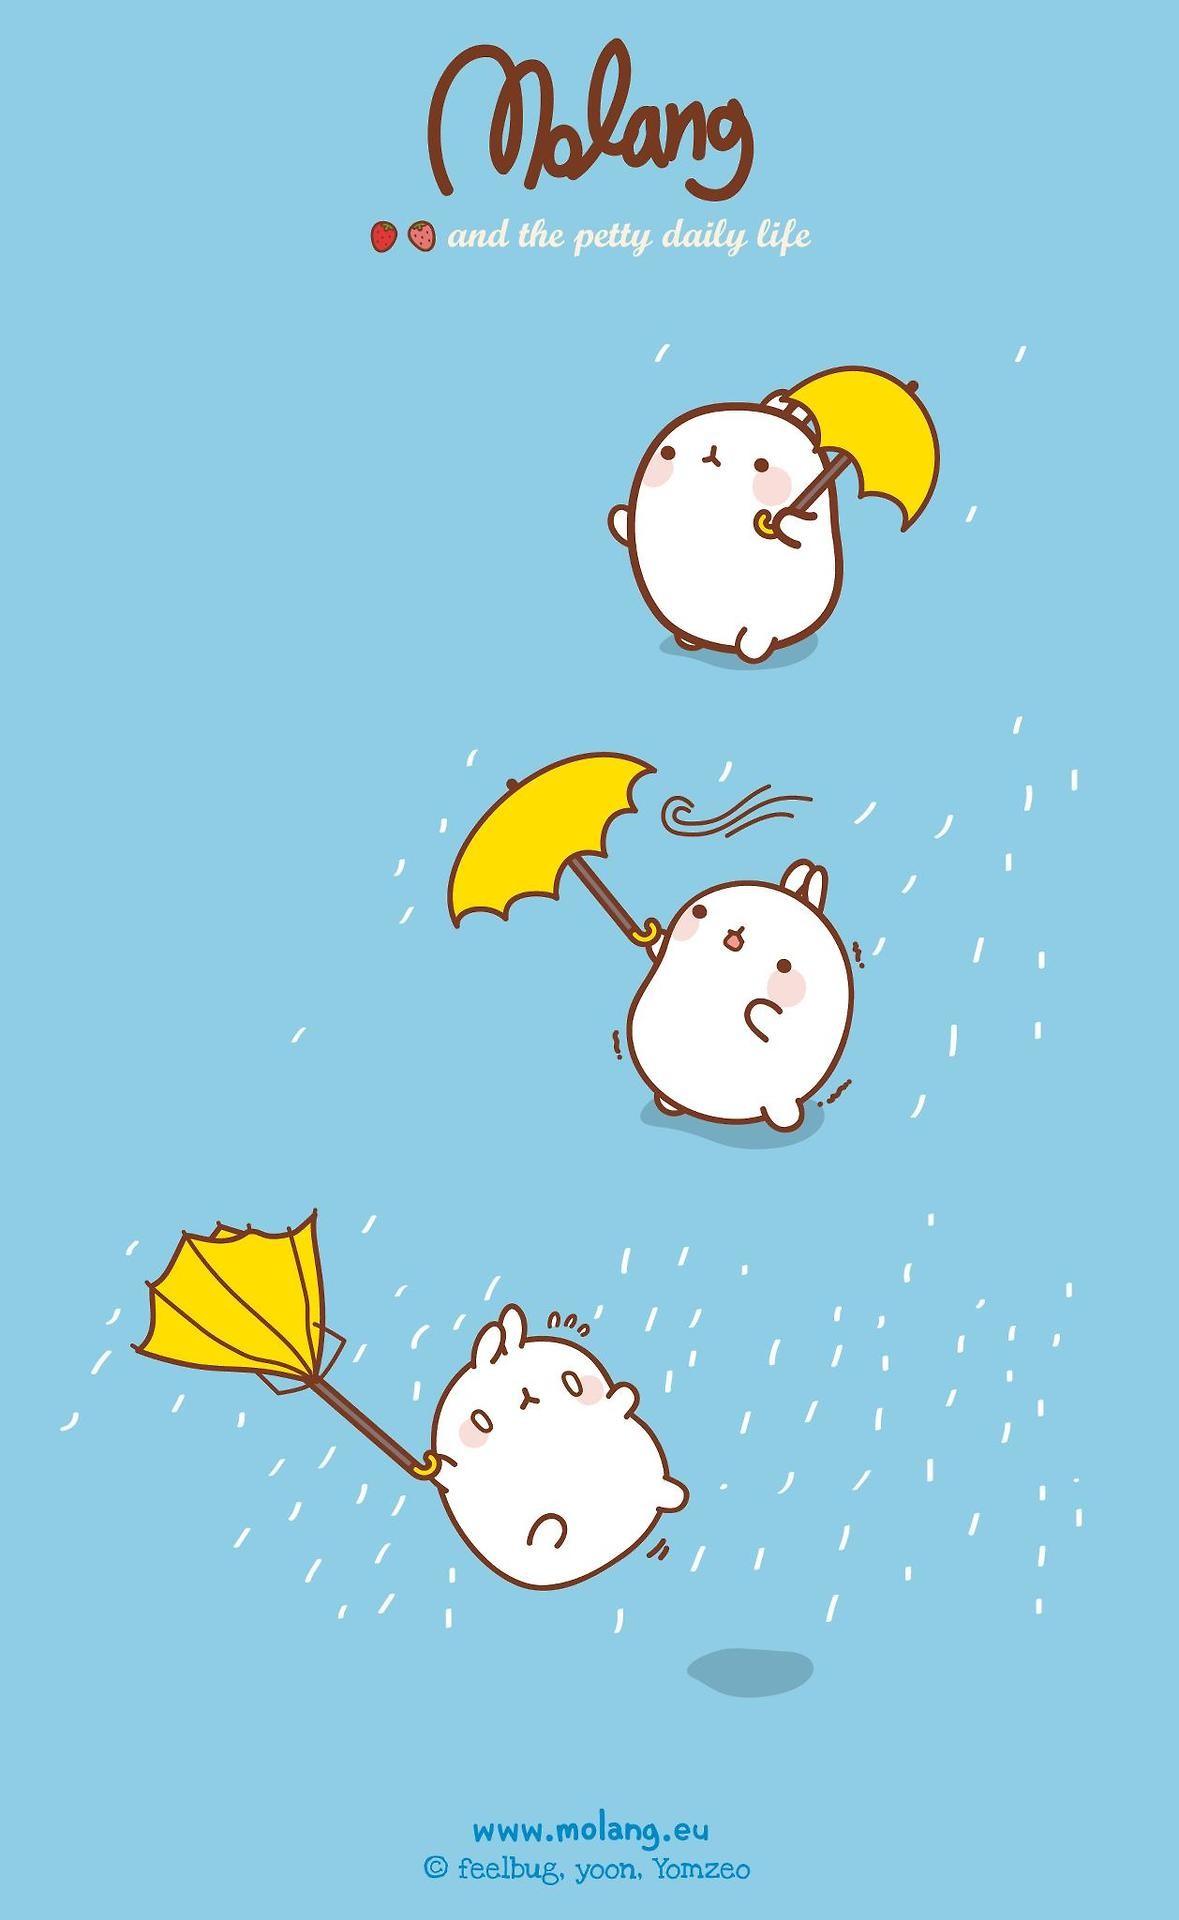 a mi la lluvia… #molang